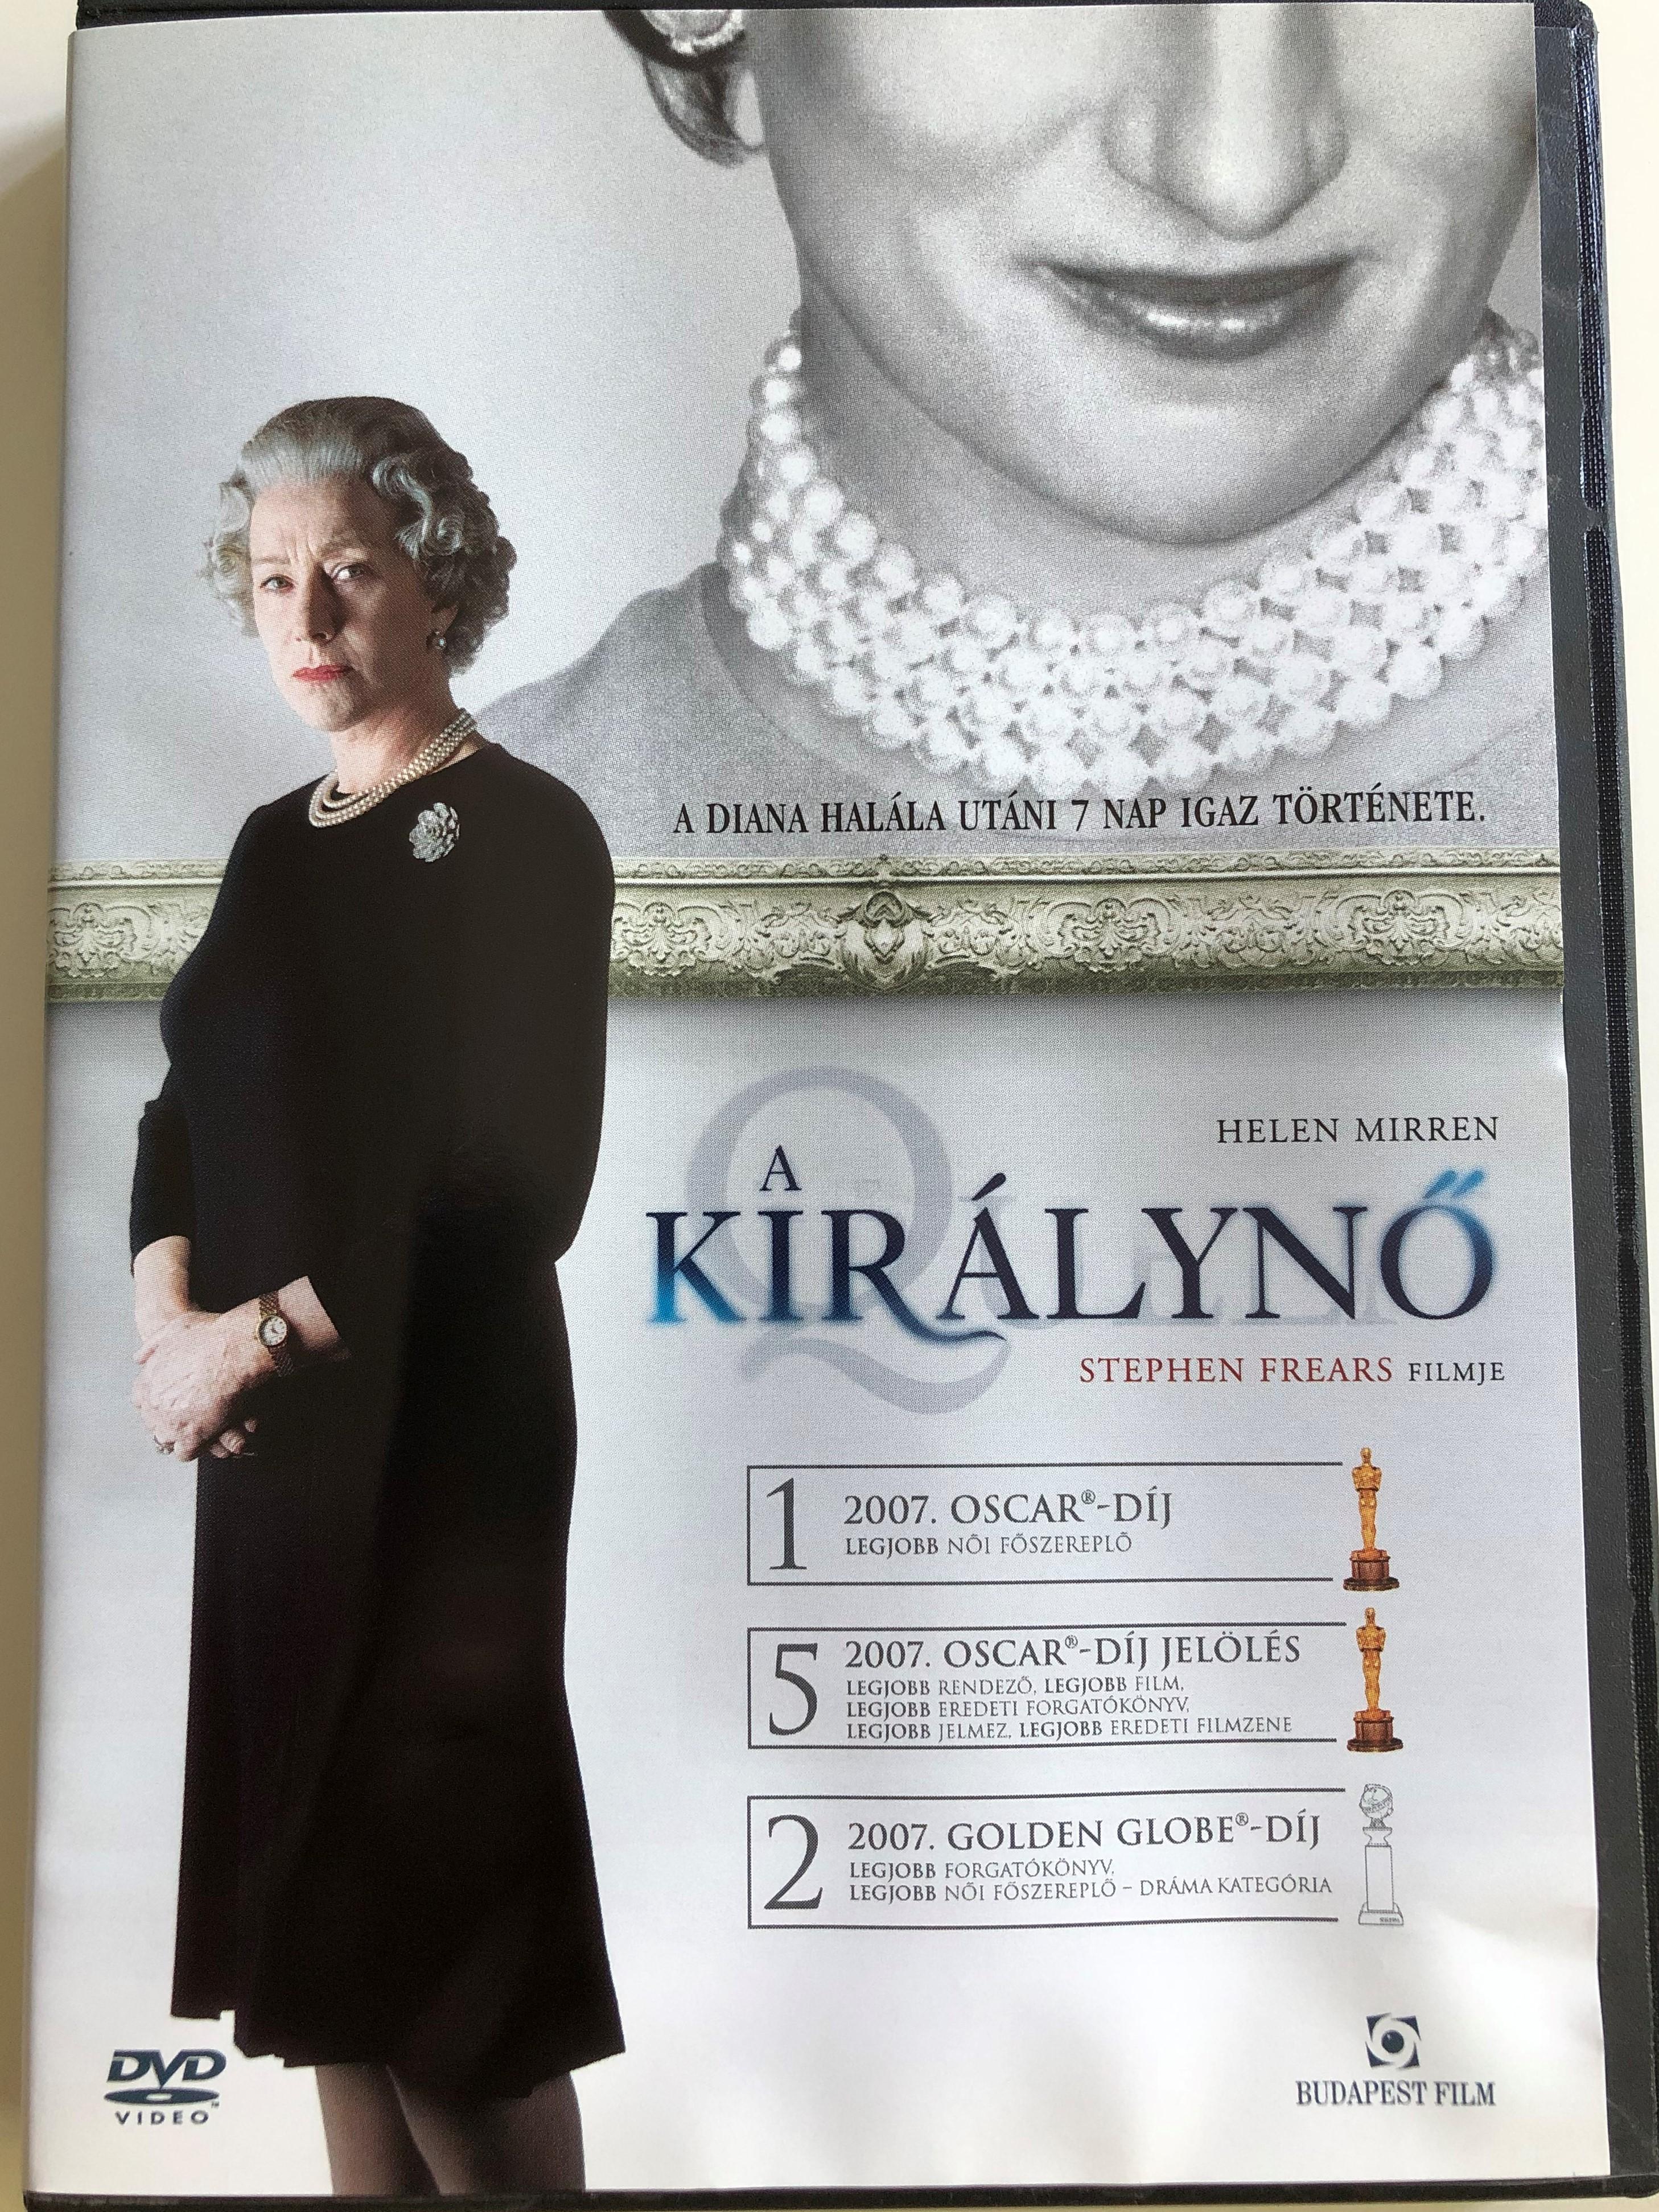 the-queen-dvd-2006-a-kir-lyn-directed-by-stephen-frears-starring-helen-mirren-michael-sheen-james-cromwell-helen-mccrory-alex-jennings-1-.jpg